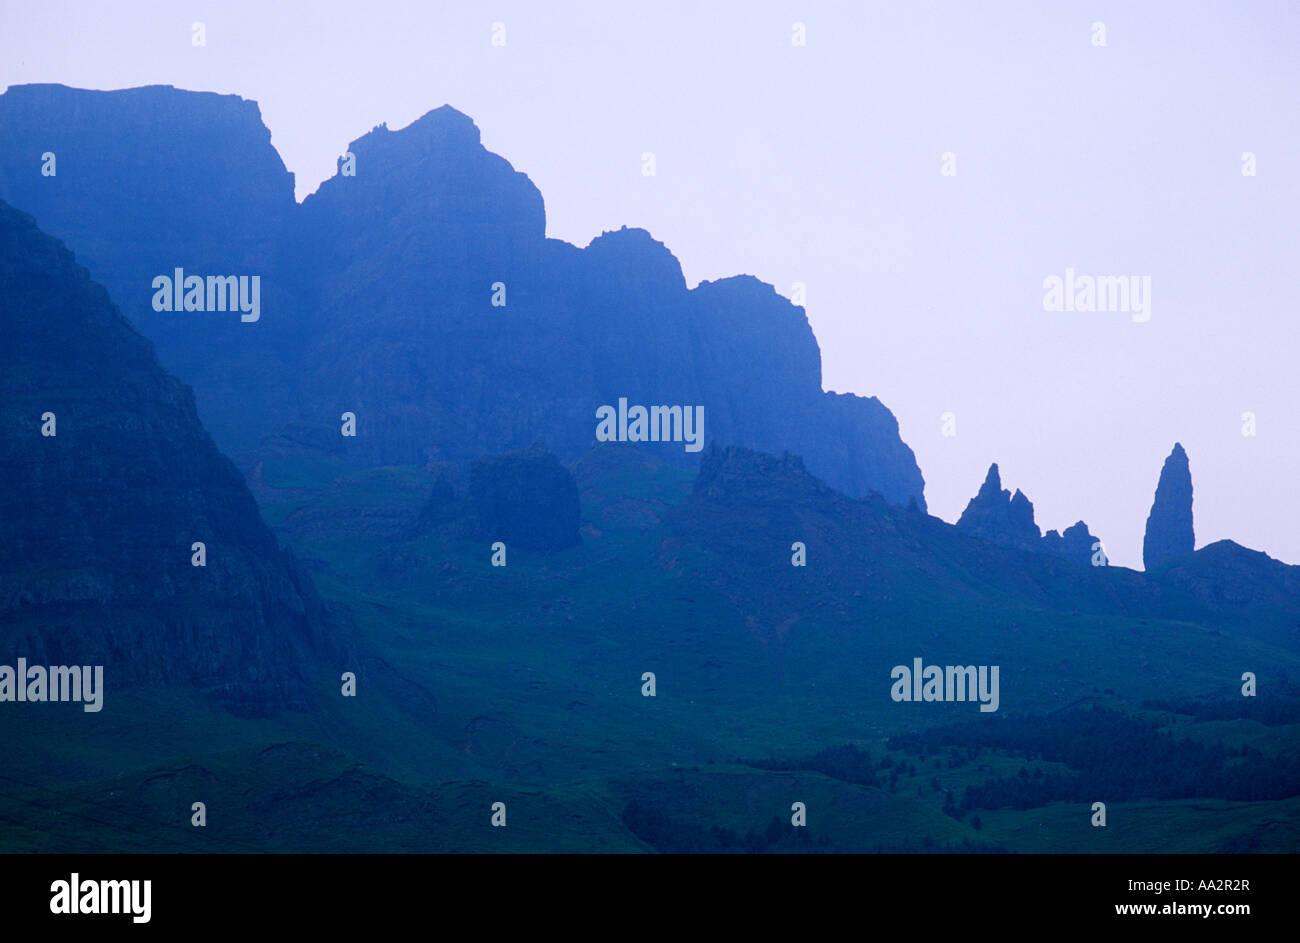 Isle of Skye, Storr Hills, Old Man of Storr, Highland Region, Scotland, UK, Scottish landscape scenery, mountain, - Stock Image